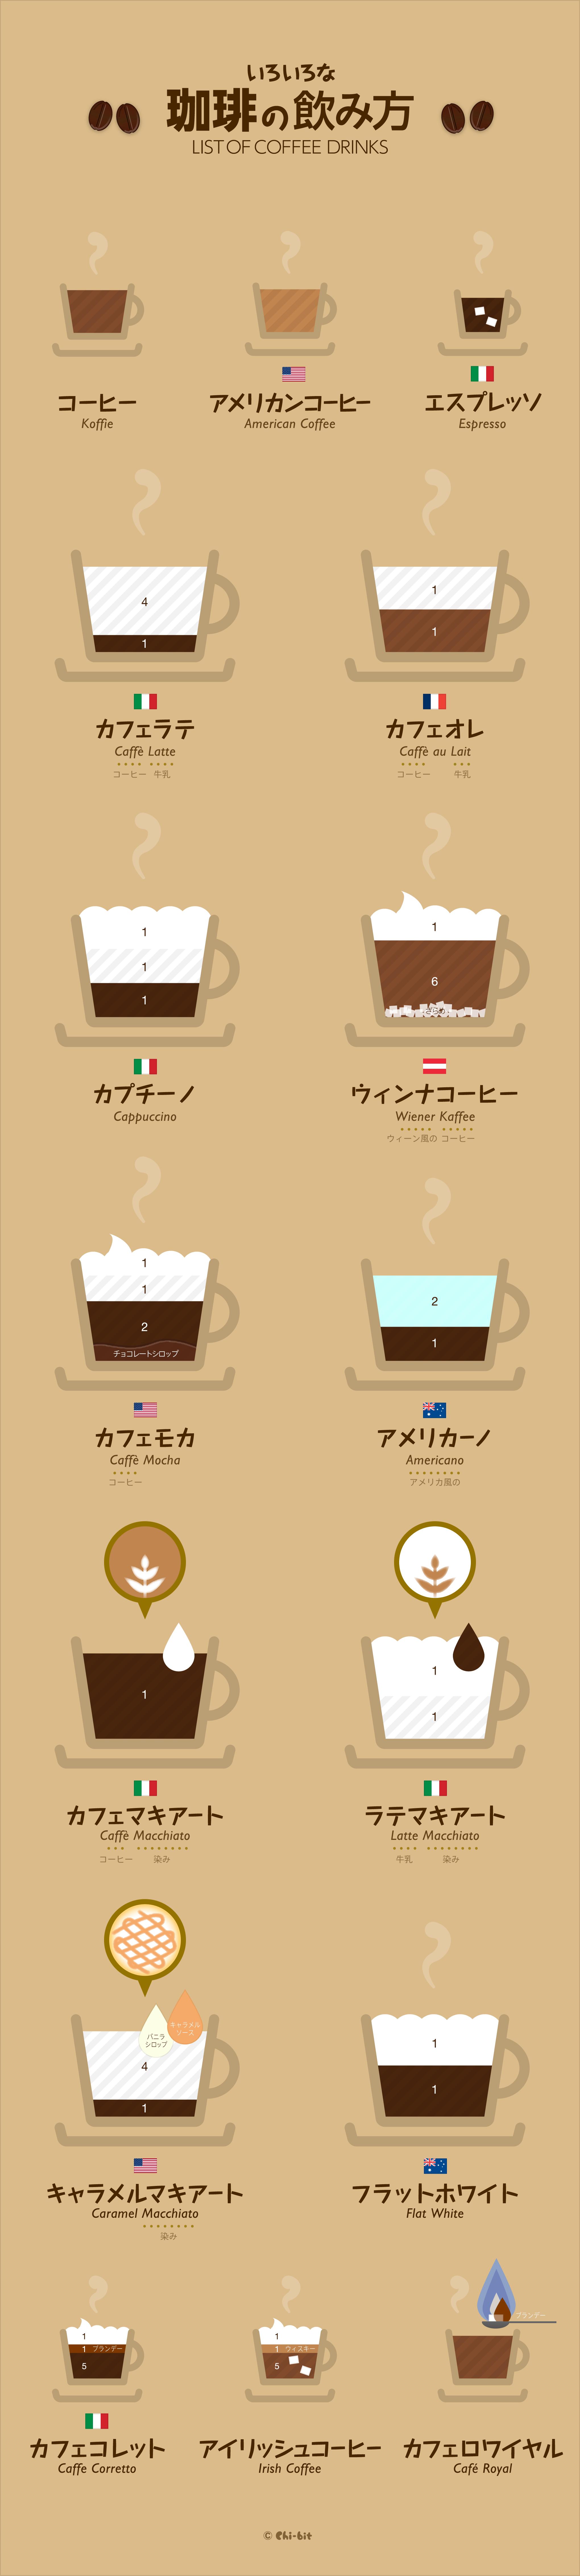 カフェ ラテ と カフェ オ レ の違い カフェ ラテとカフェ オ レってどう コーヒー 種類 カフェ ドリンク コーヒー